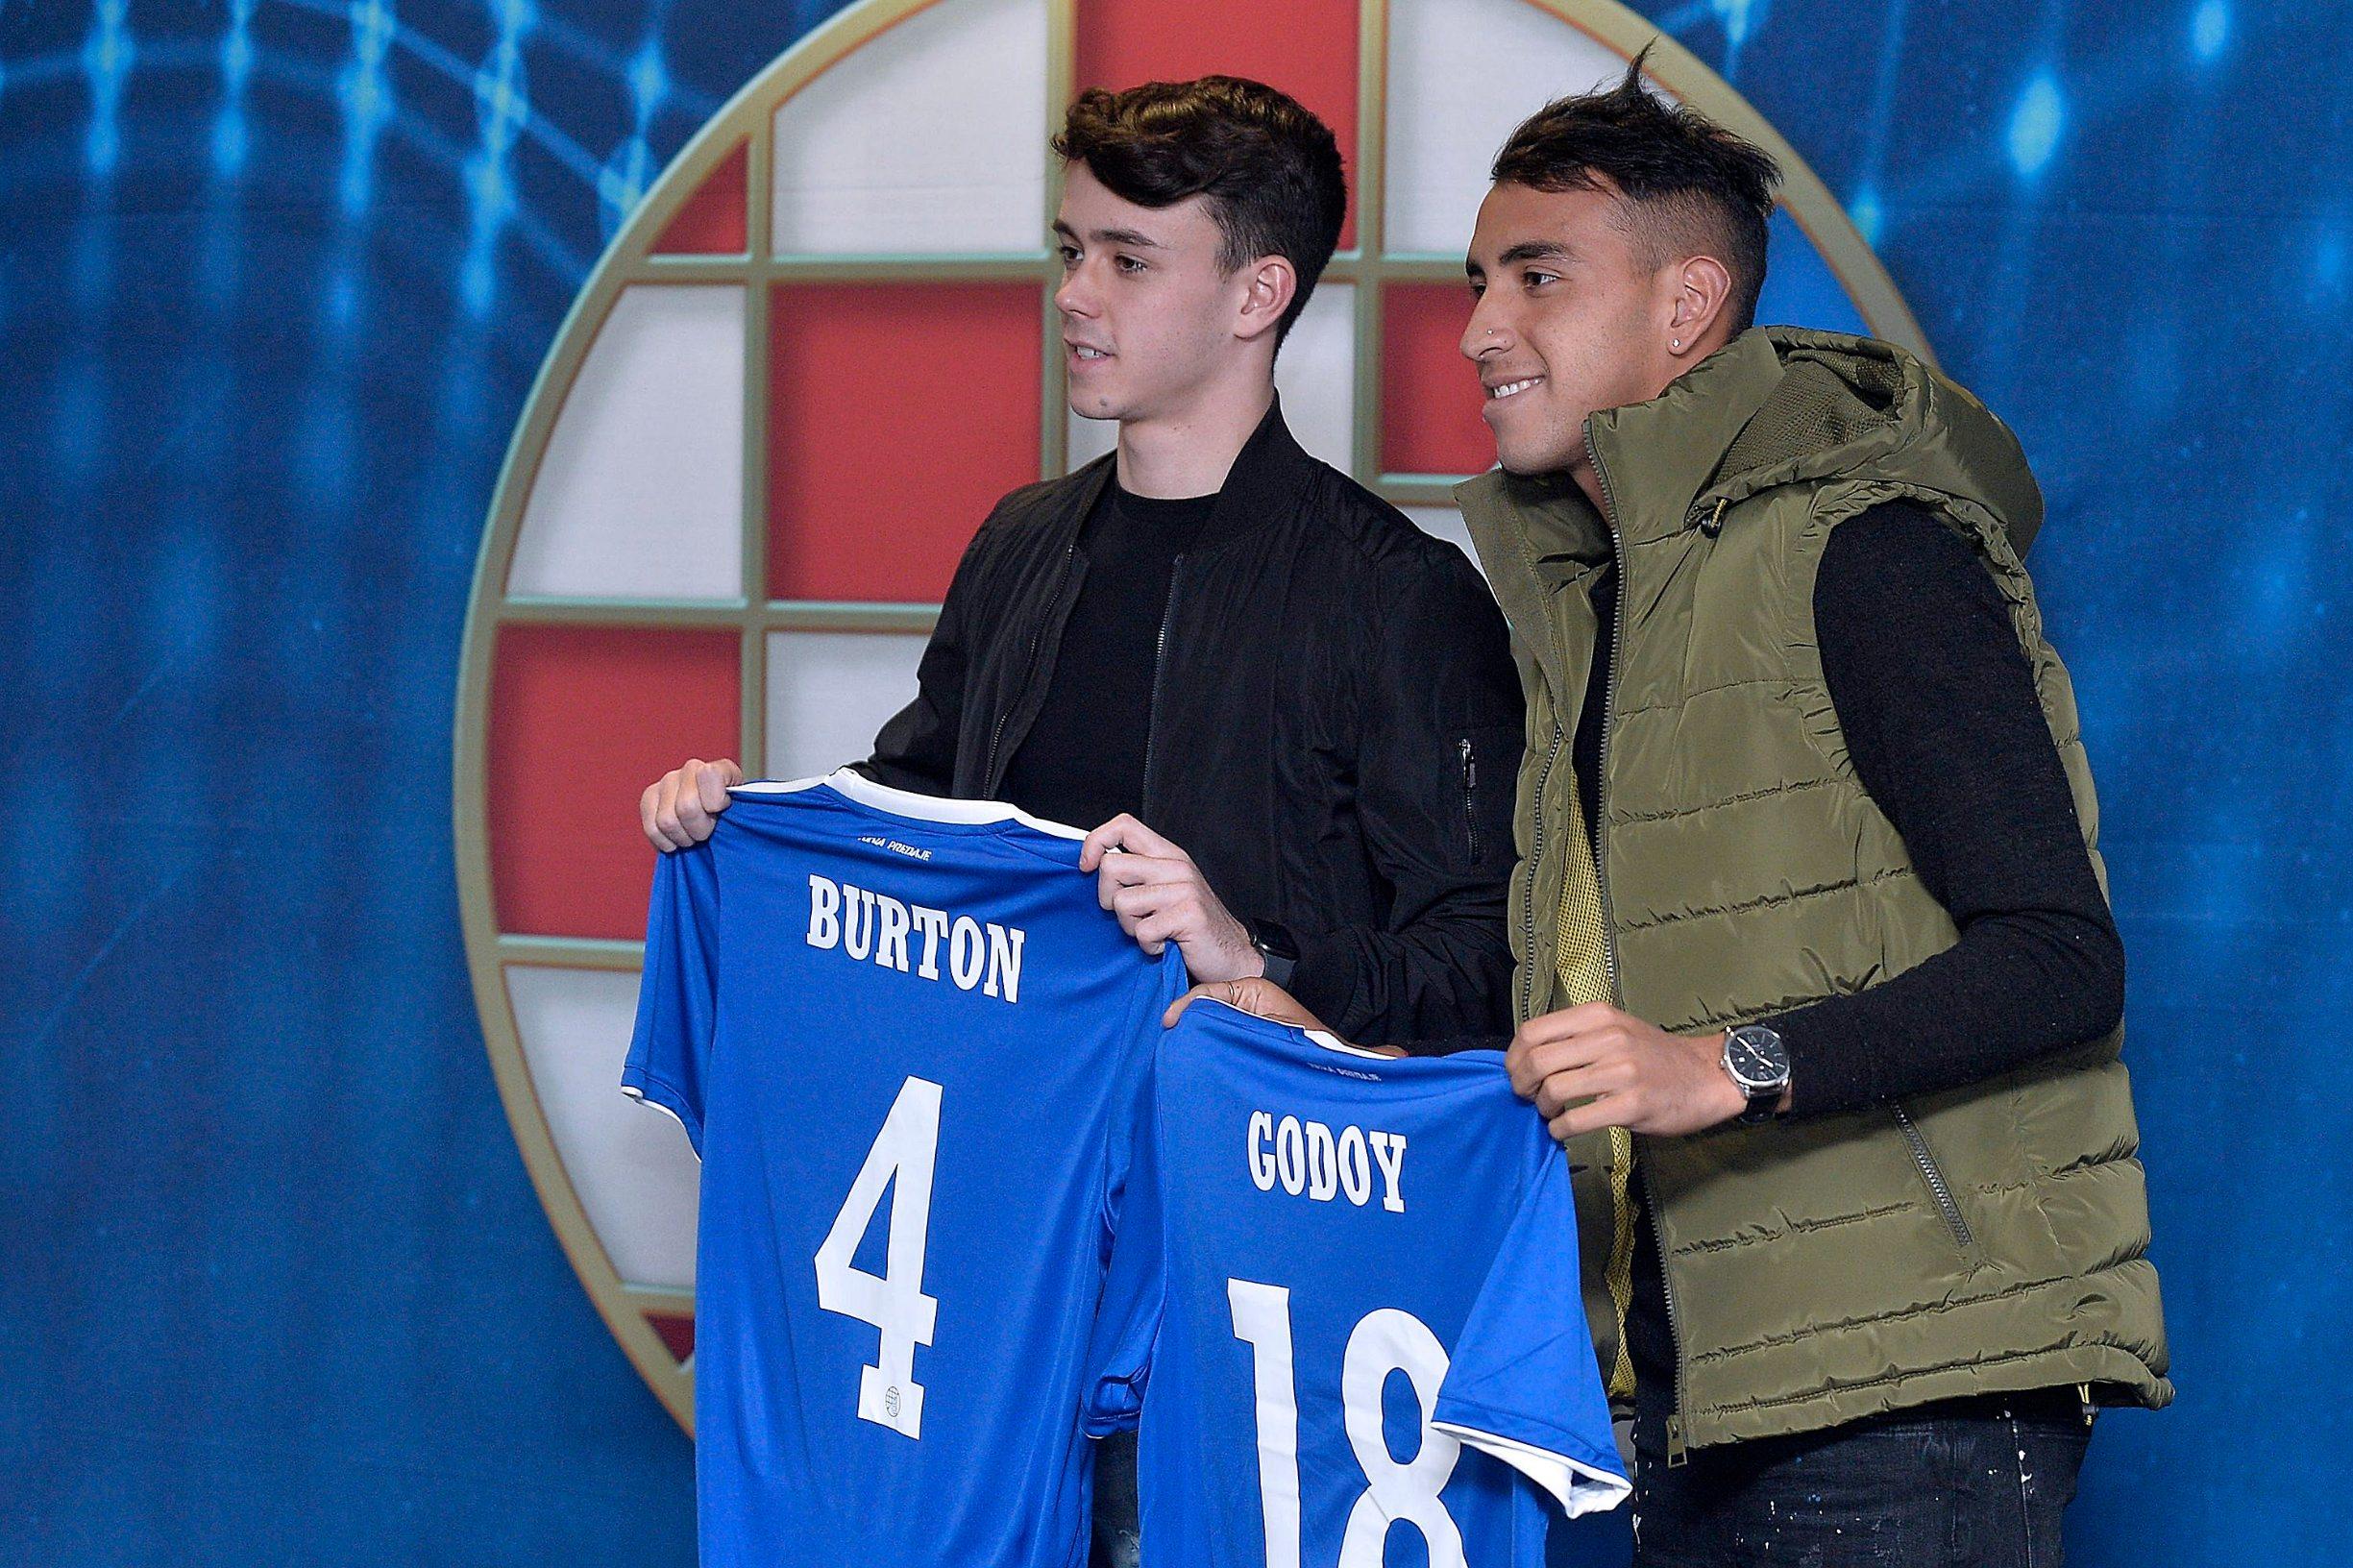 Godoy i Burton